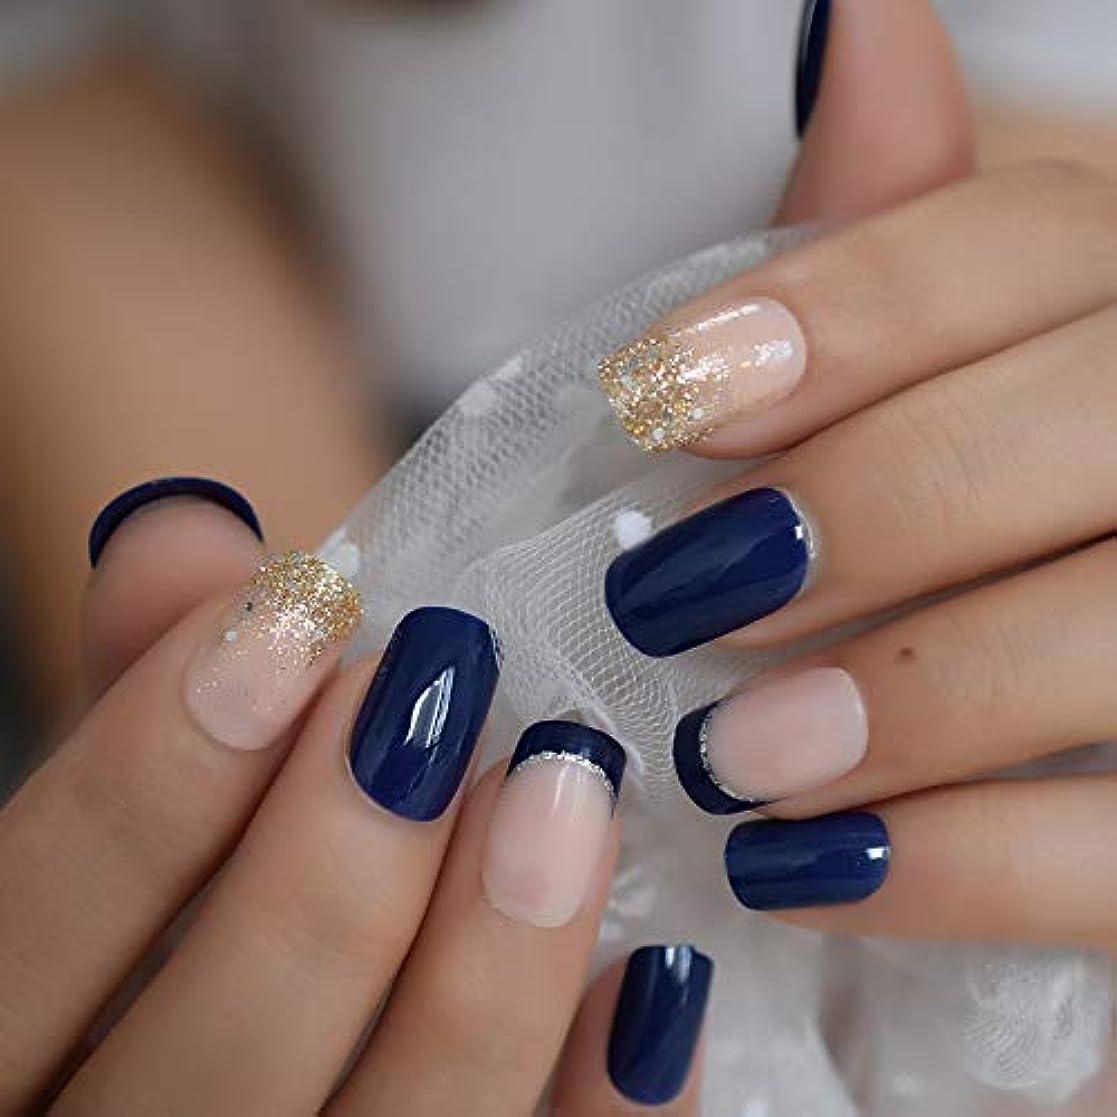 不愉快に画面絶対にXUTXZKA 爪のマニキュアの先端の光沢のある青い釘のきらめき媒体の自然